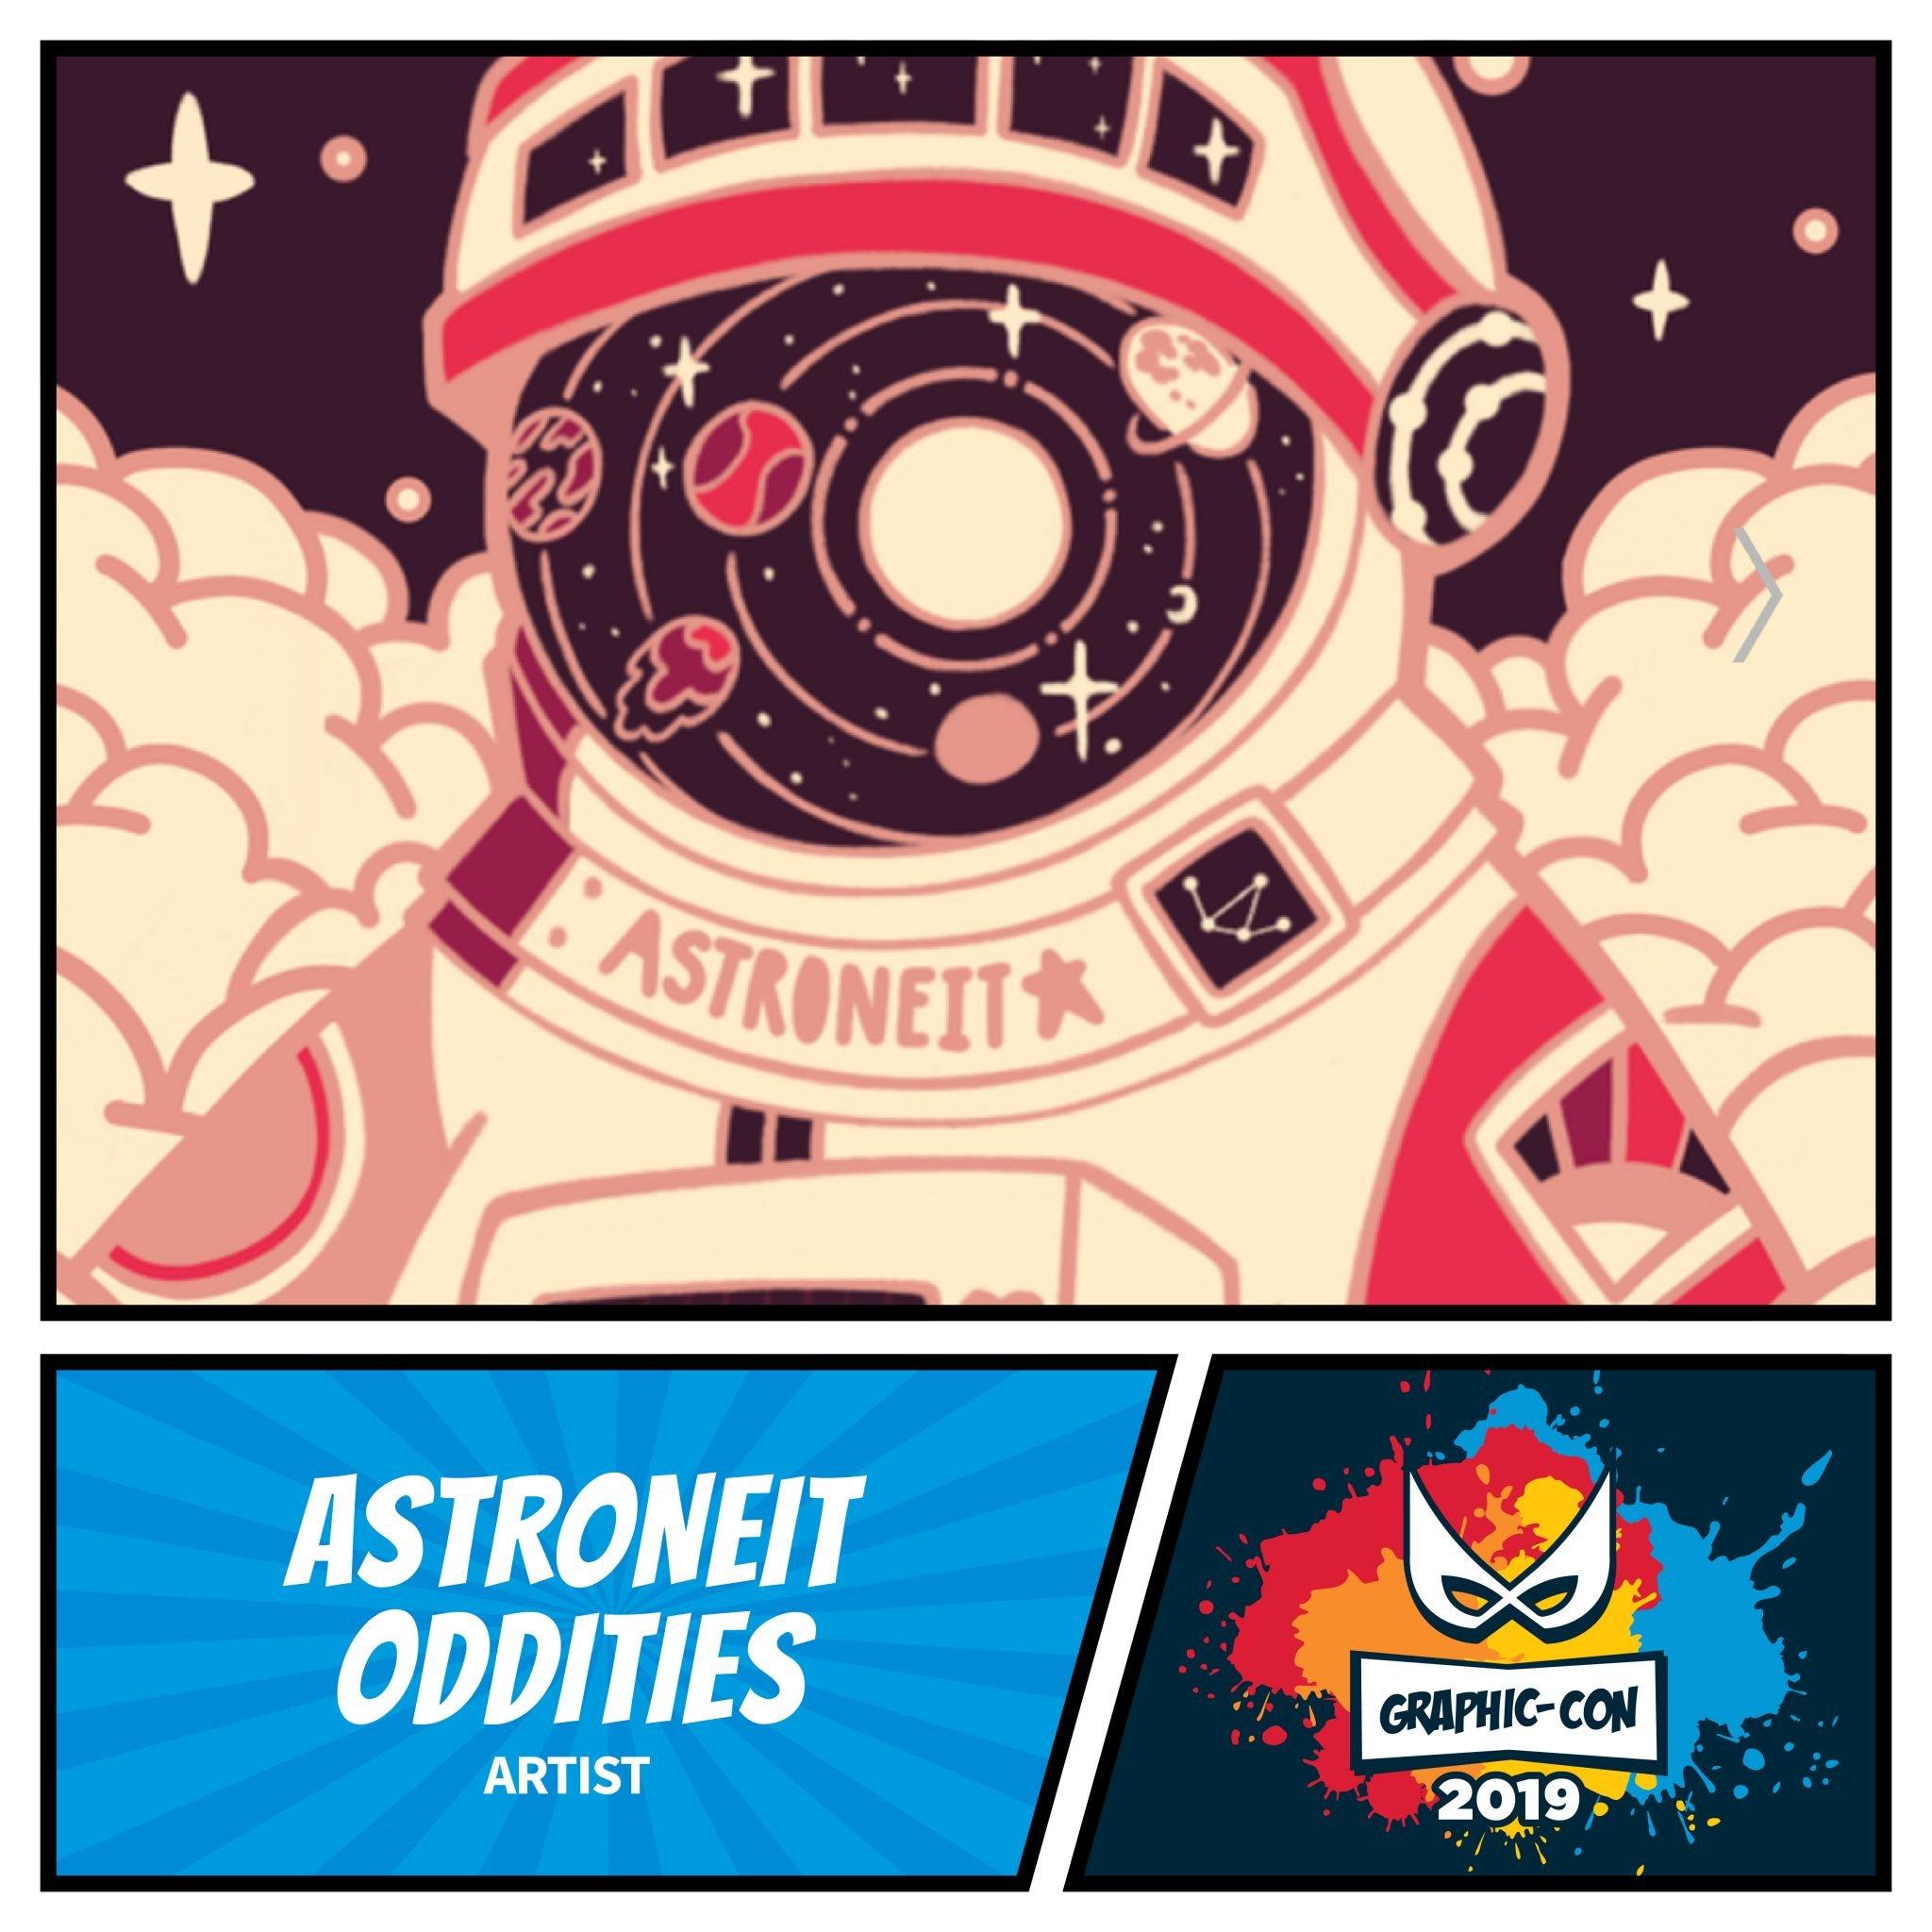 Astroneit-Oddities-announcement